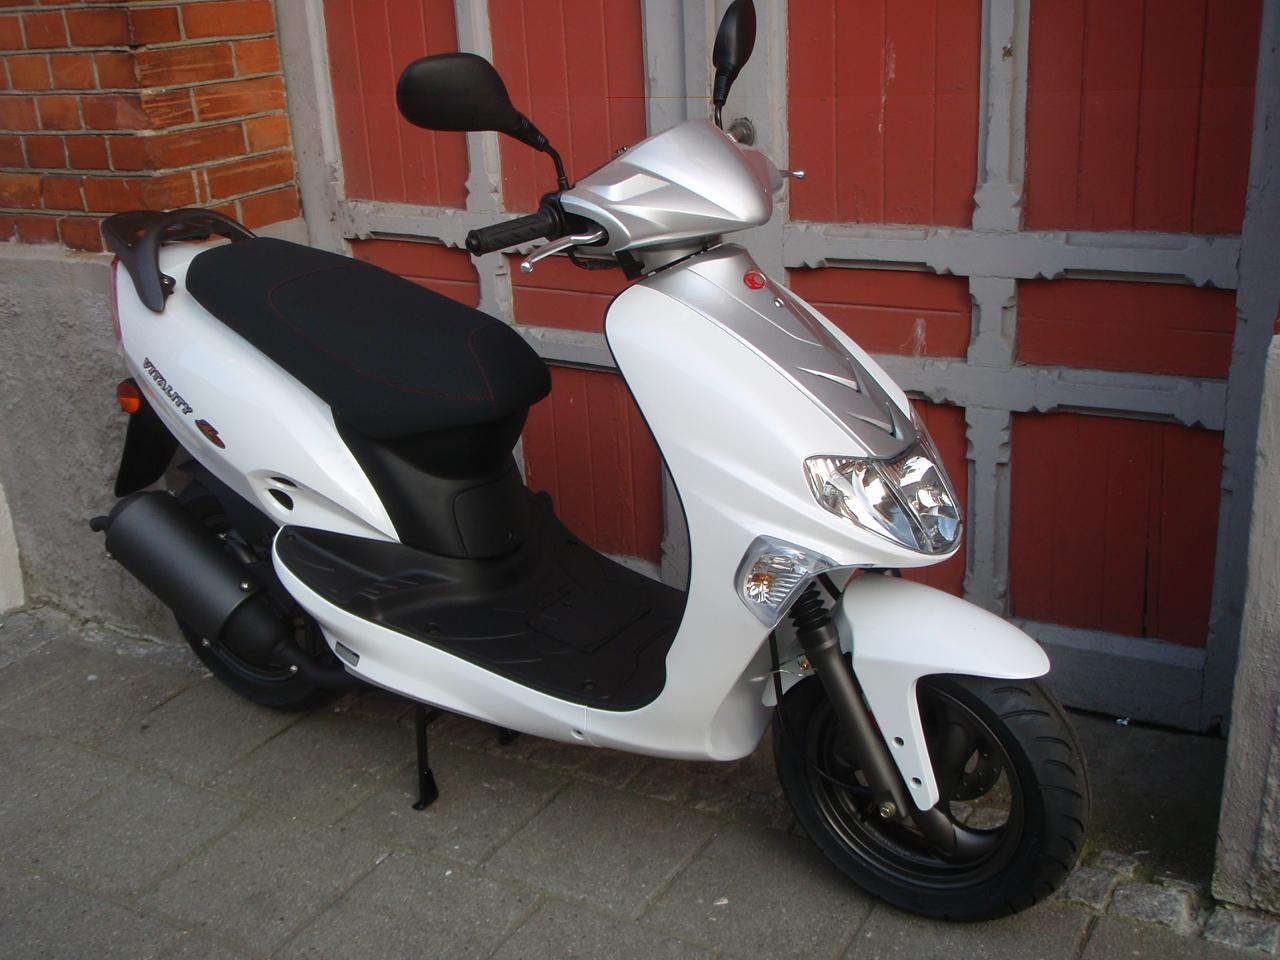 Moped verksted kristiansand